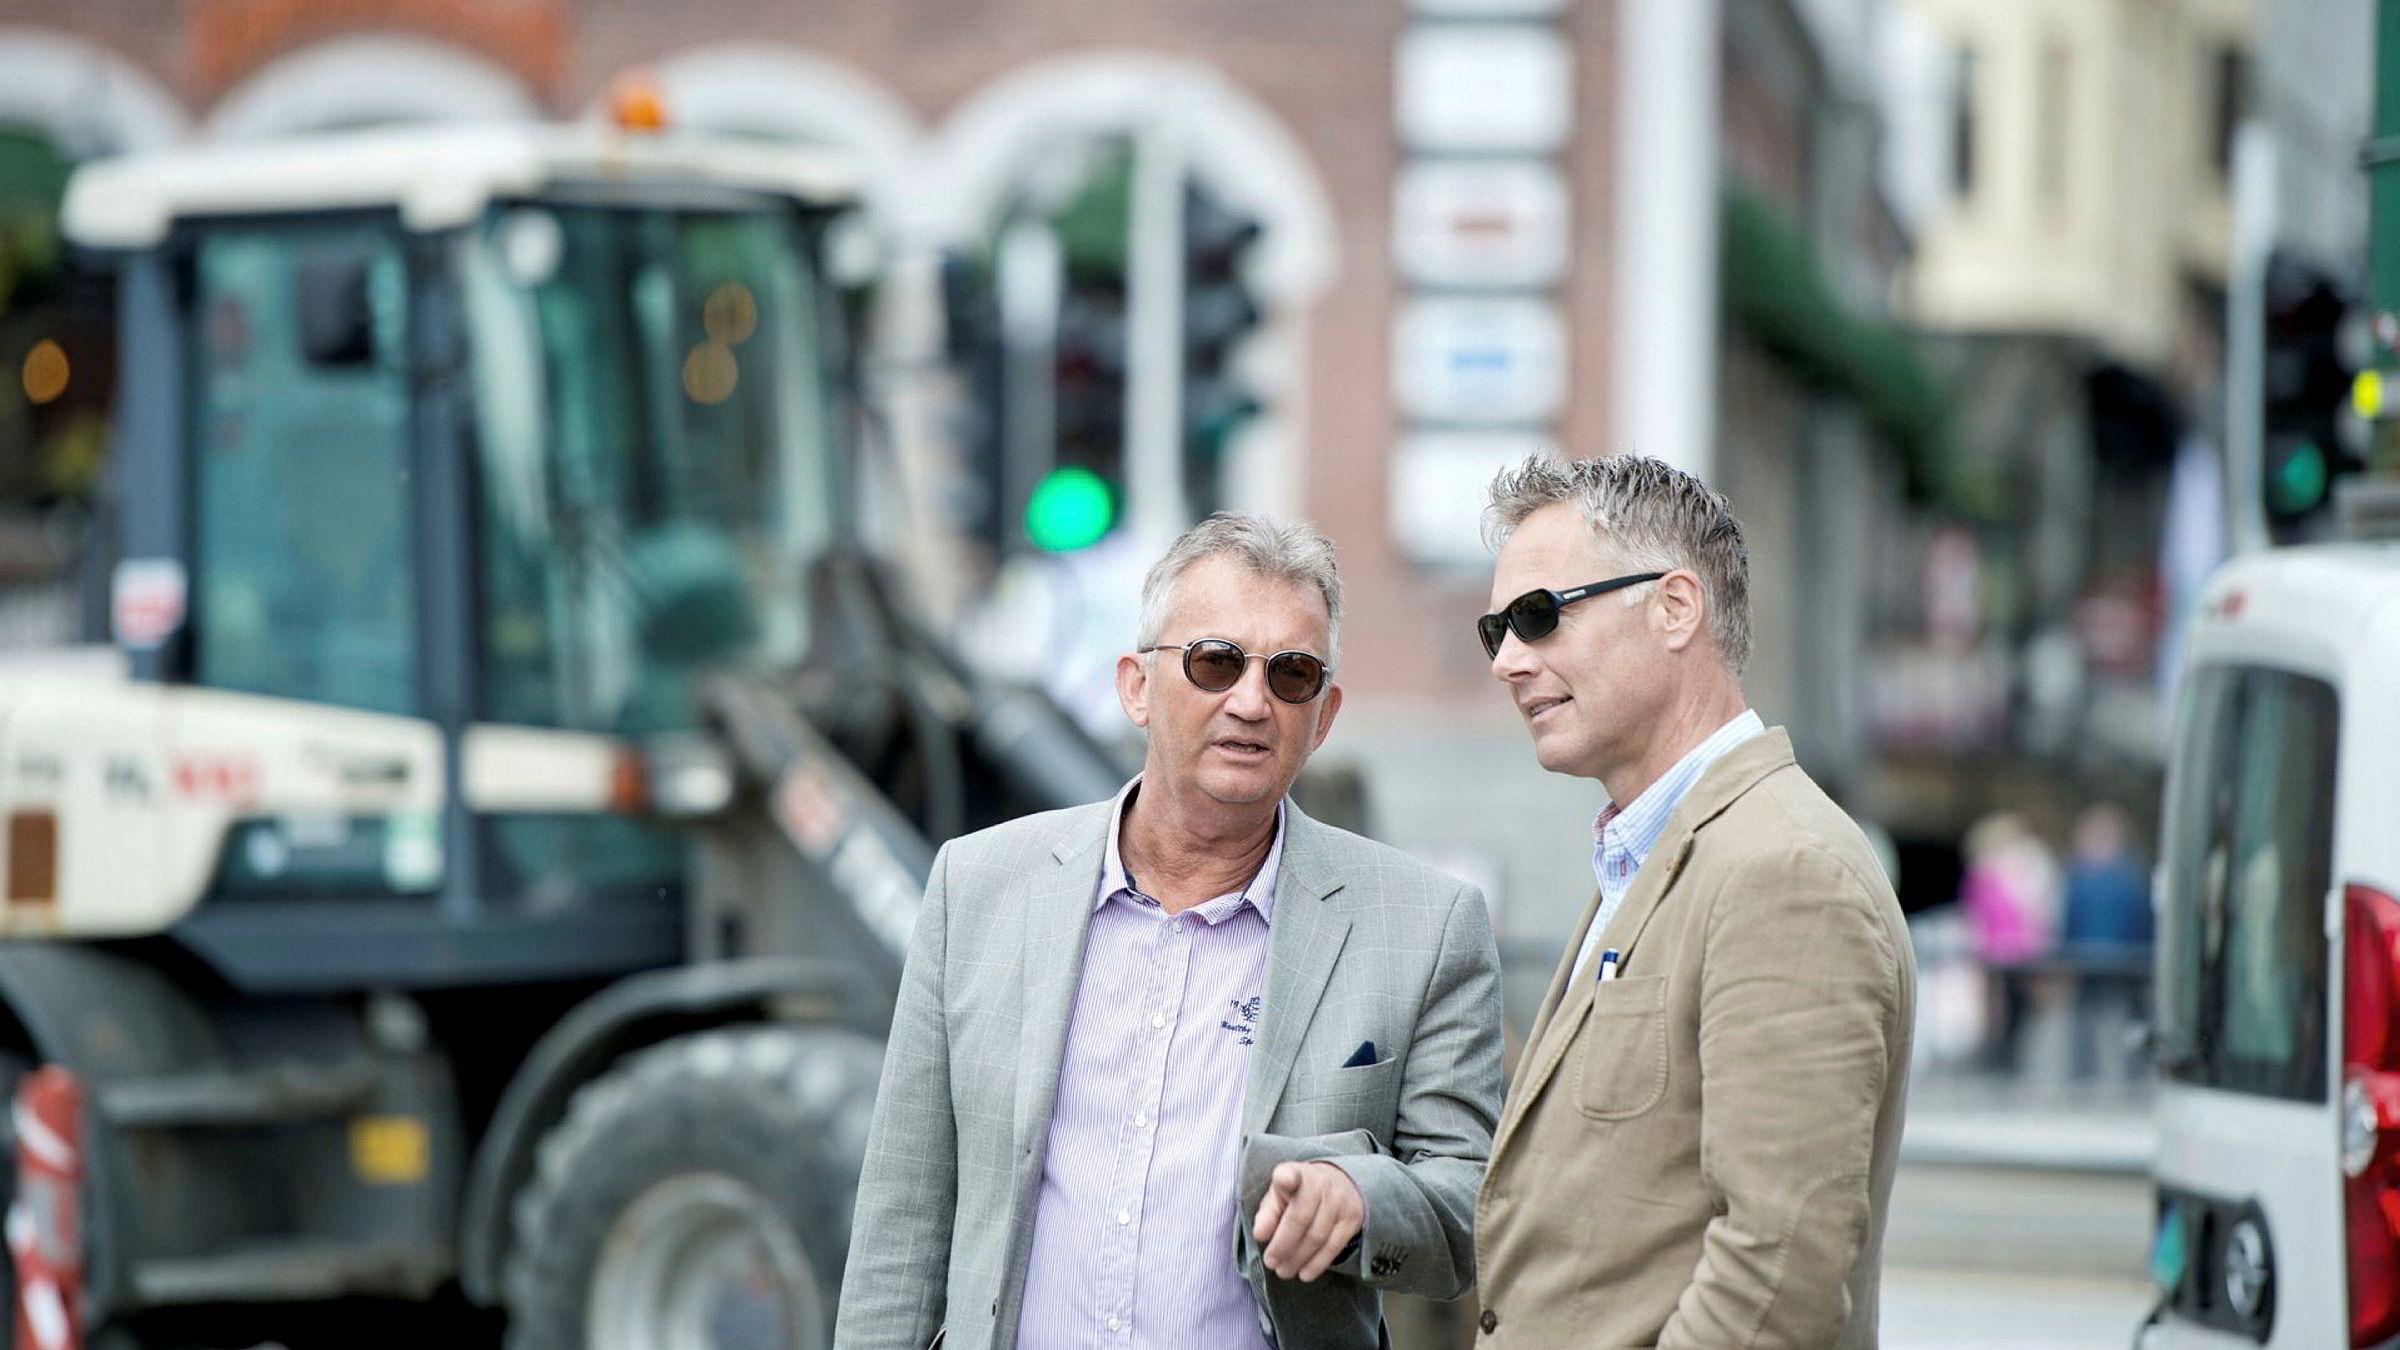 Eiendomsinvestorene Tom Rune Pedersen (til venstre) og Geir Hove er svært mediesky, og har sjelden stilt opp på bilder. Her er de avbildet under en rettsbefaring på Zachariasbryggen i Bergen.